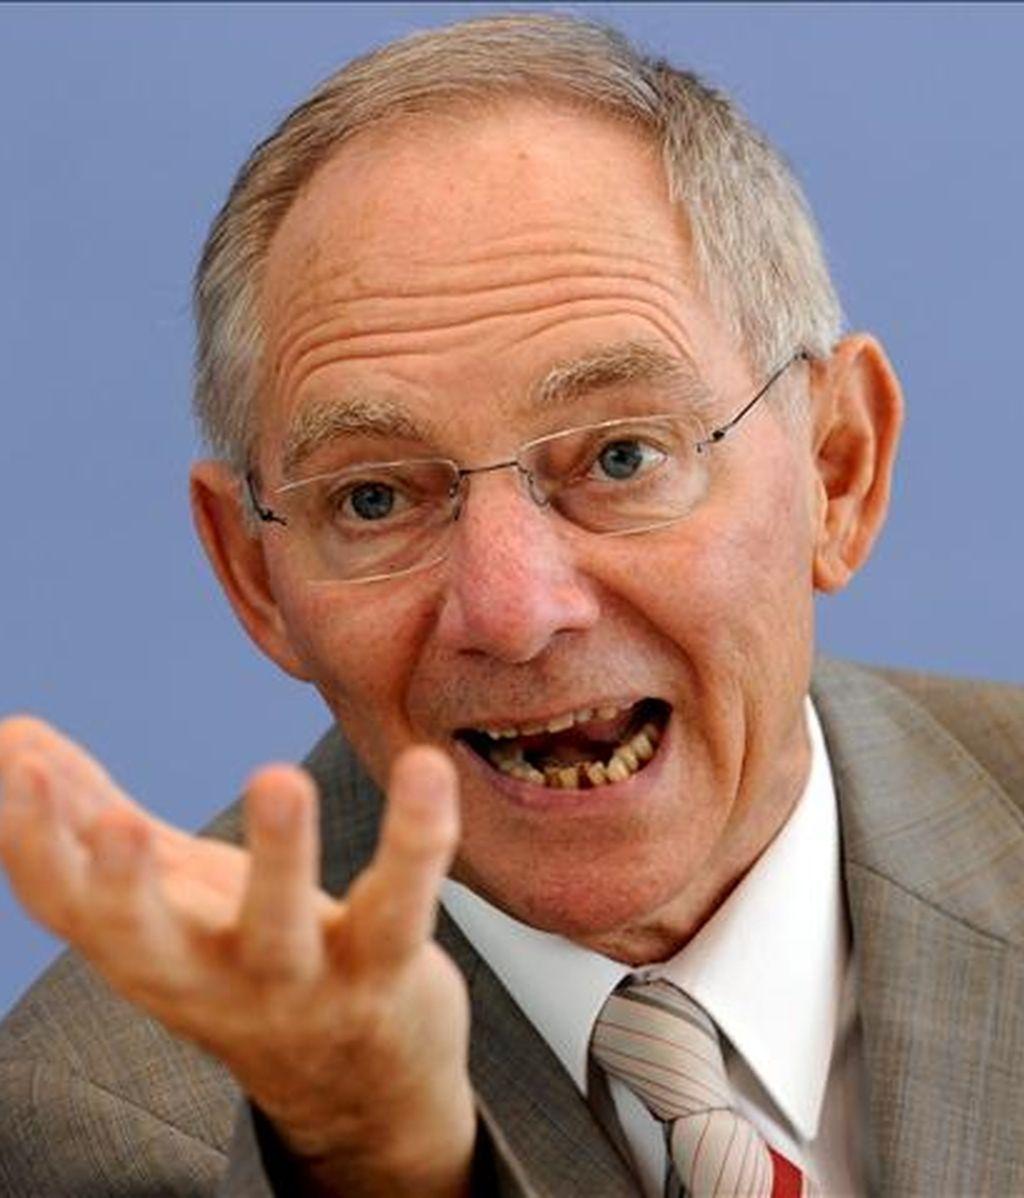 El ministro alemán de Finanzas, Wolfgang Schäuble, durante una rueda de prensa. EFE/Archivo